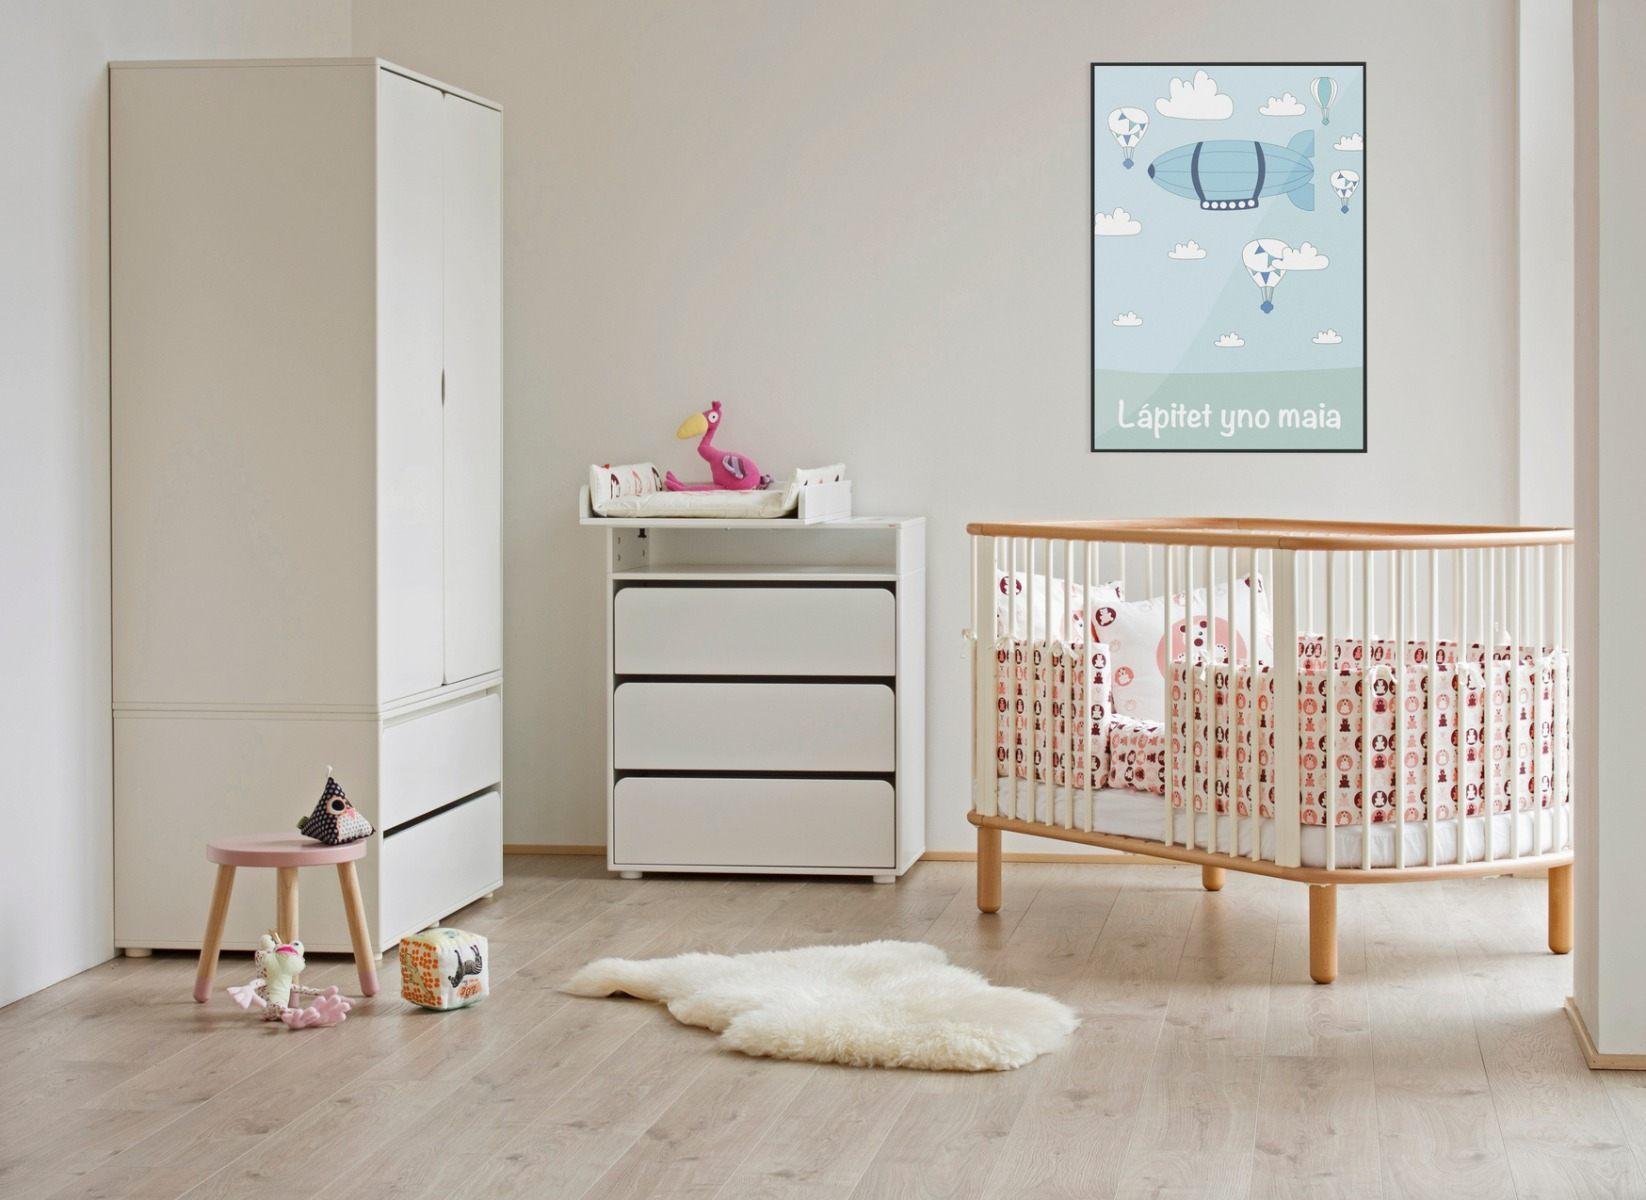 Couette Pour Lit Bébé Meilleur De Bébé Punaise De Lit Chambre Bébé Fille Inspirant Parc B C3 A9b C3 A9